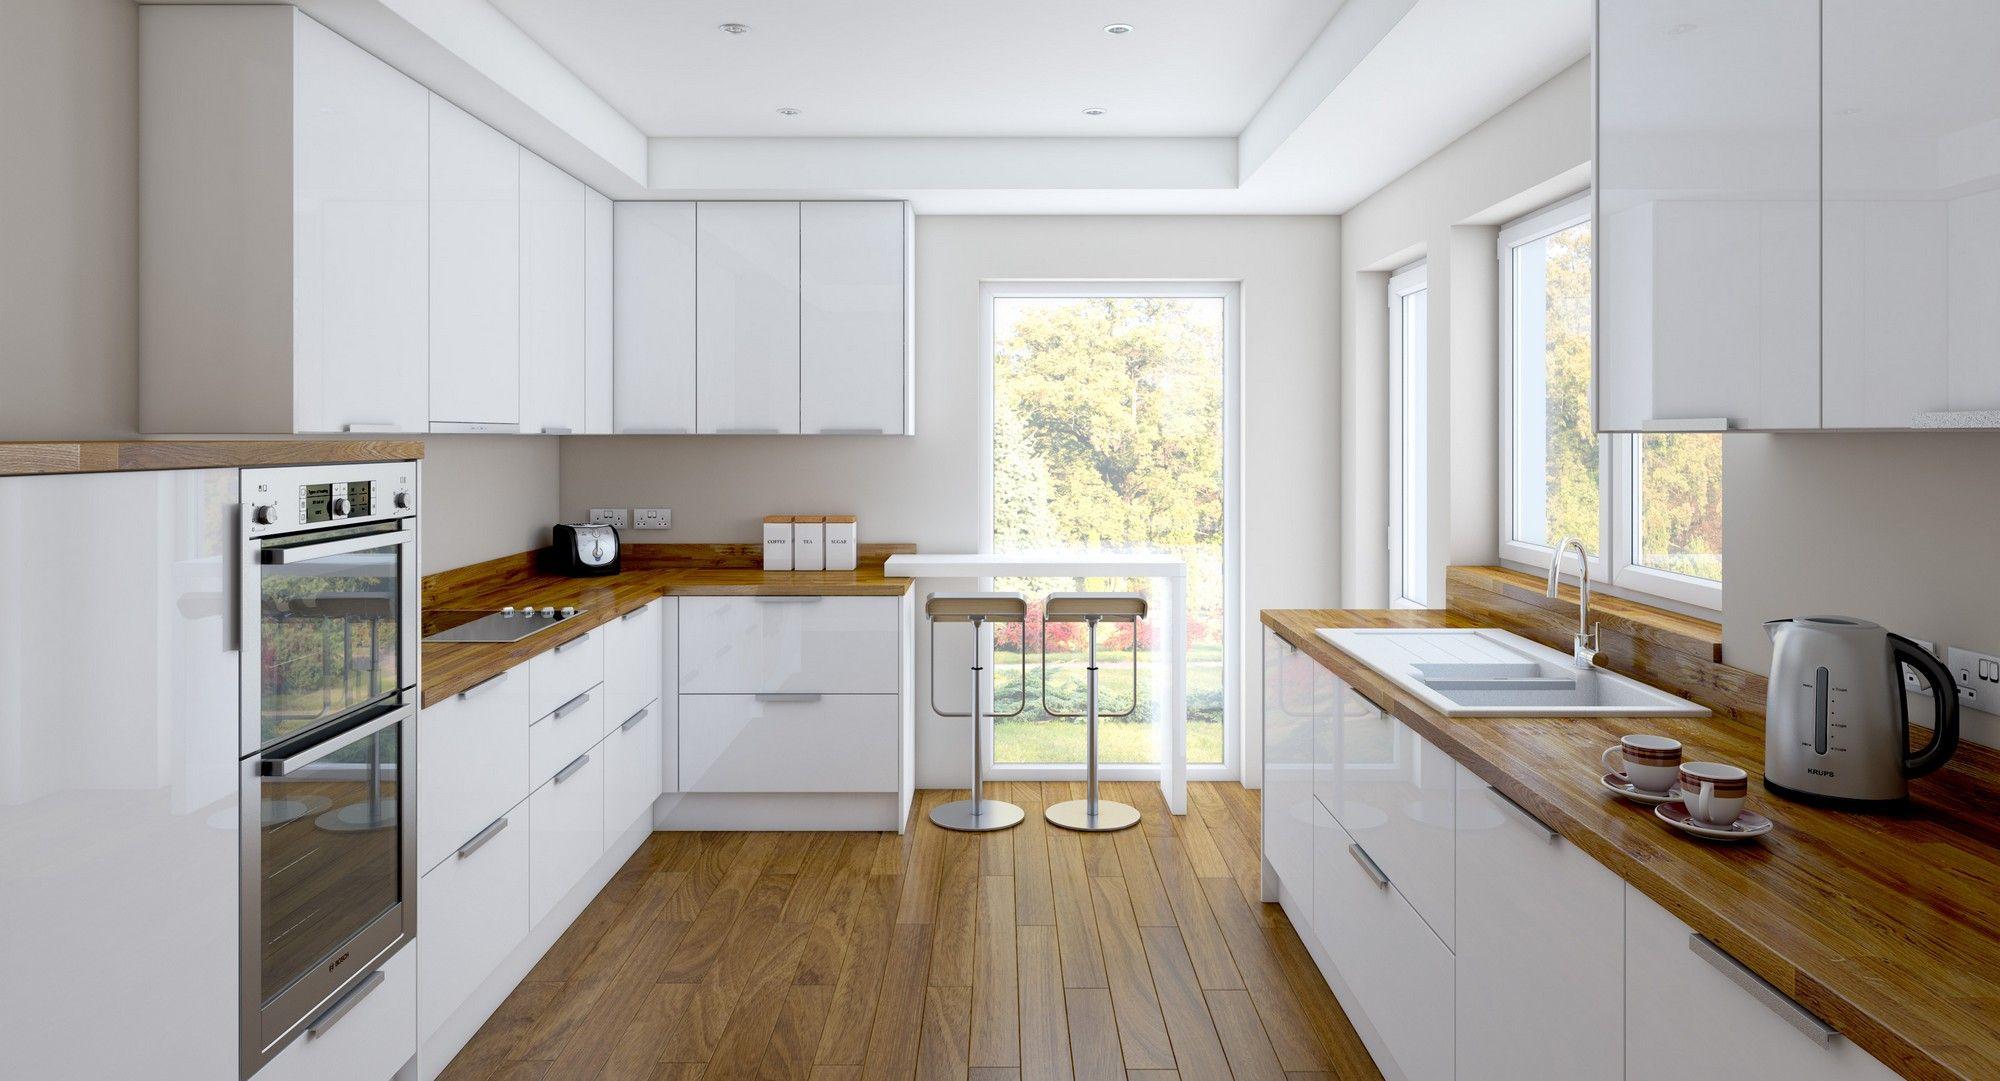 Kitchen Interior And Modern | home + design | Pinterest | Kitchens ...